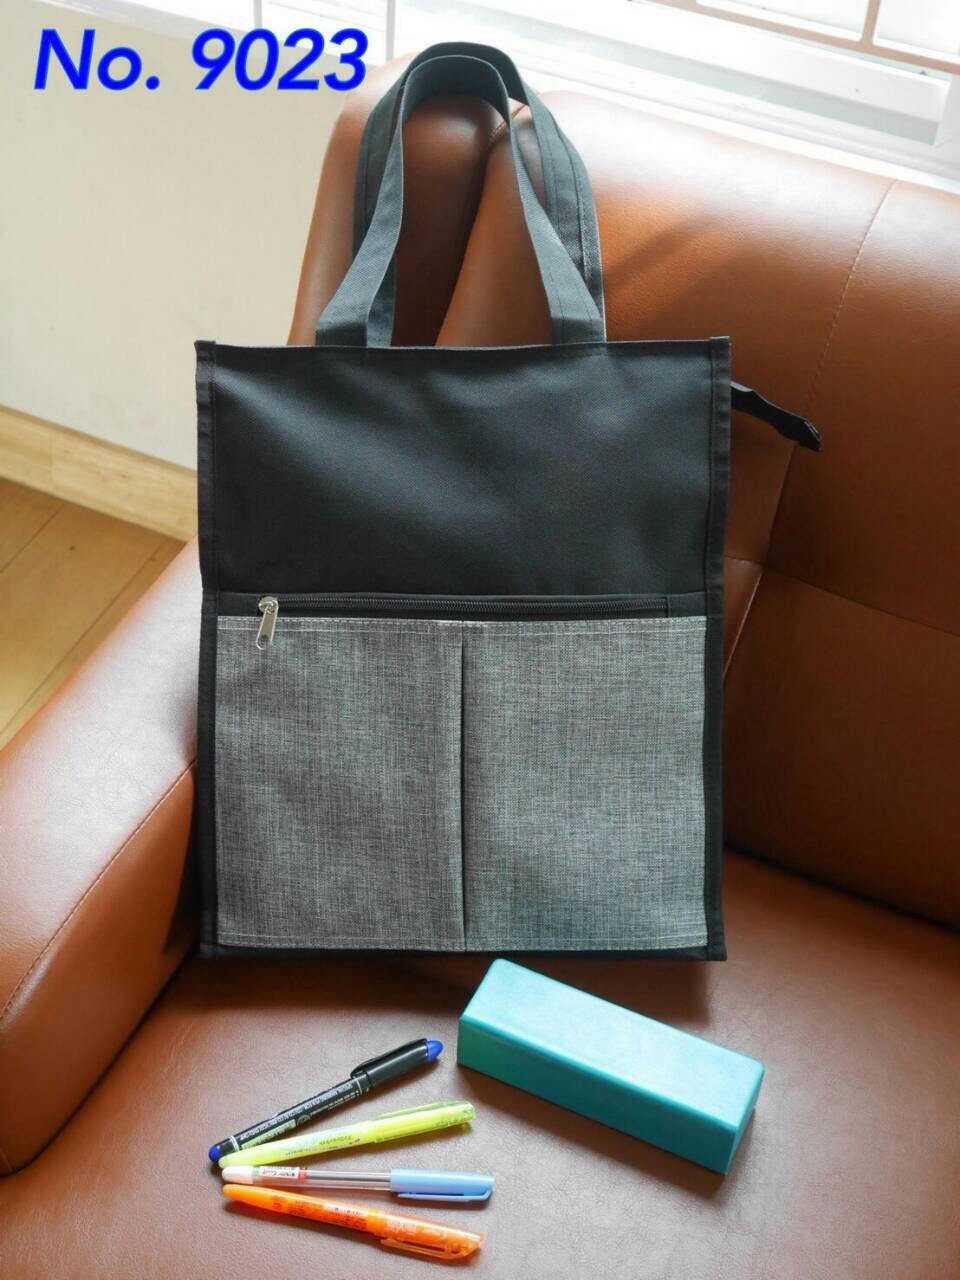 กระเป๋าช้อปปิ้ง ถุงผ้า รุ่น 9023